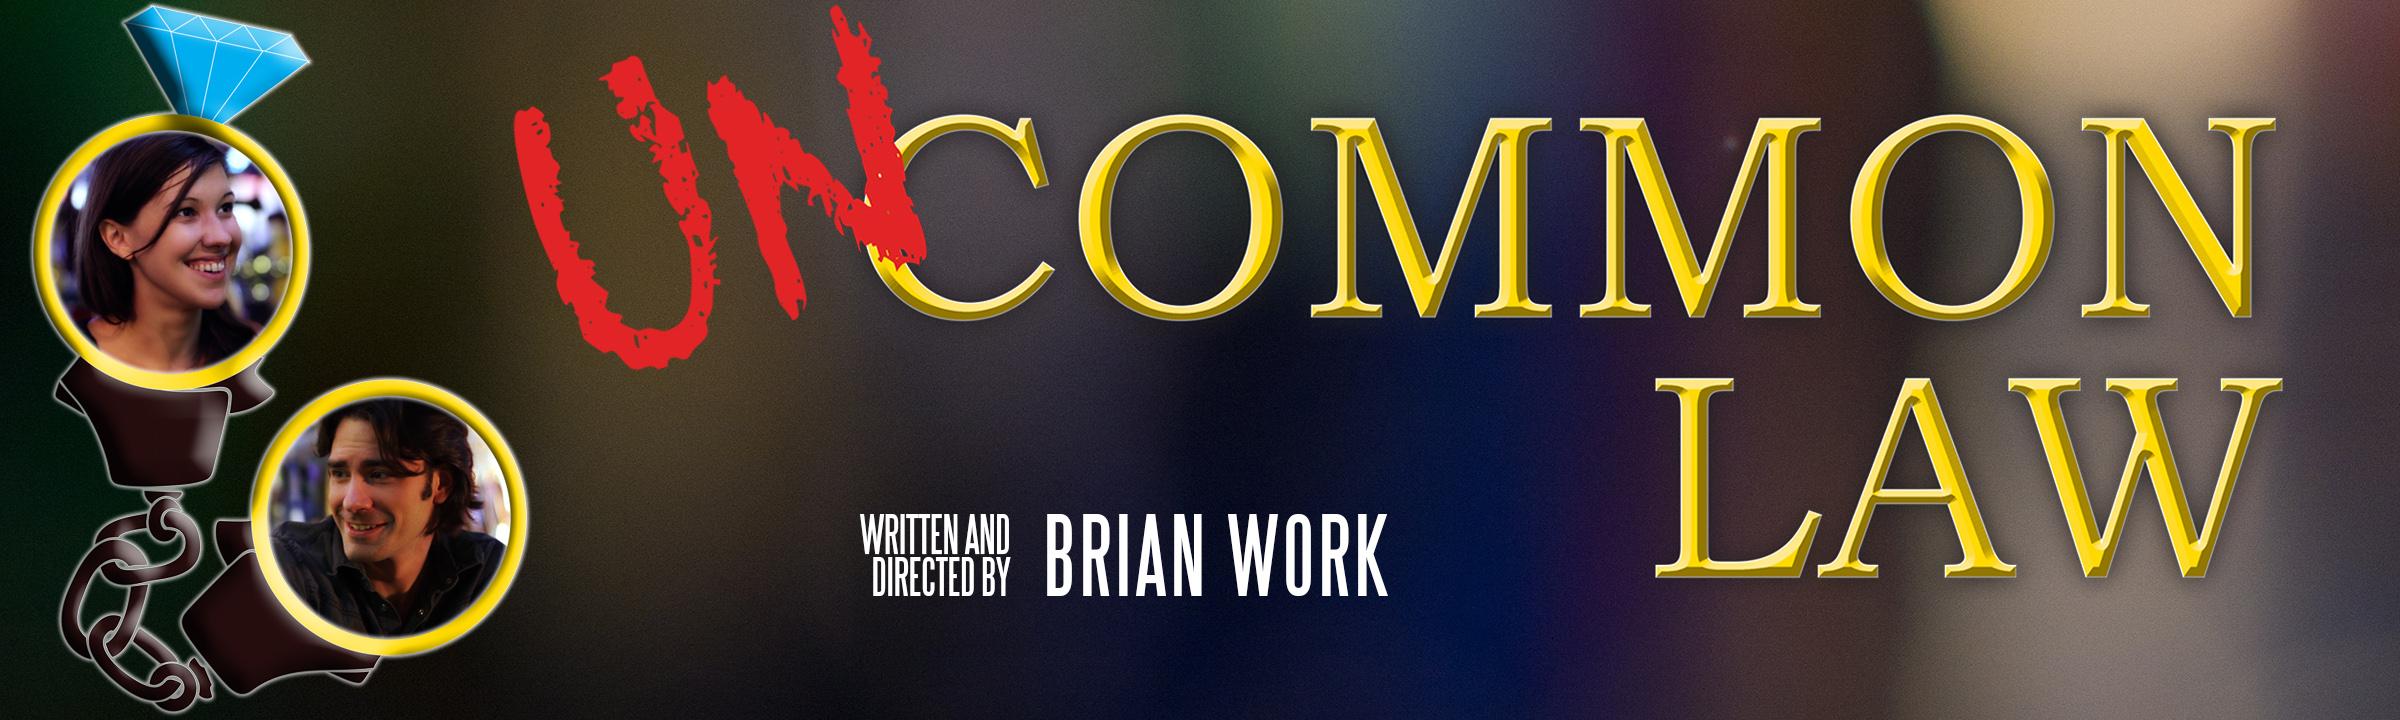 Brian Work